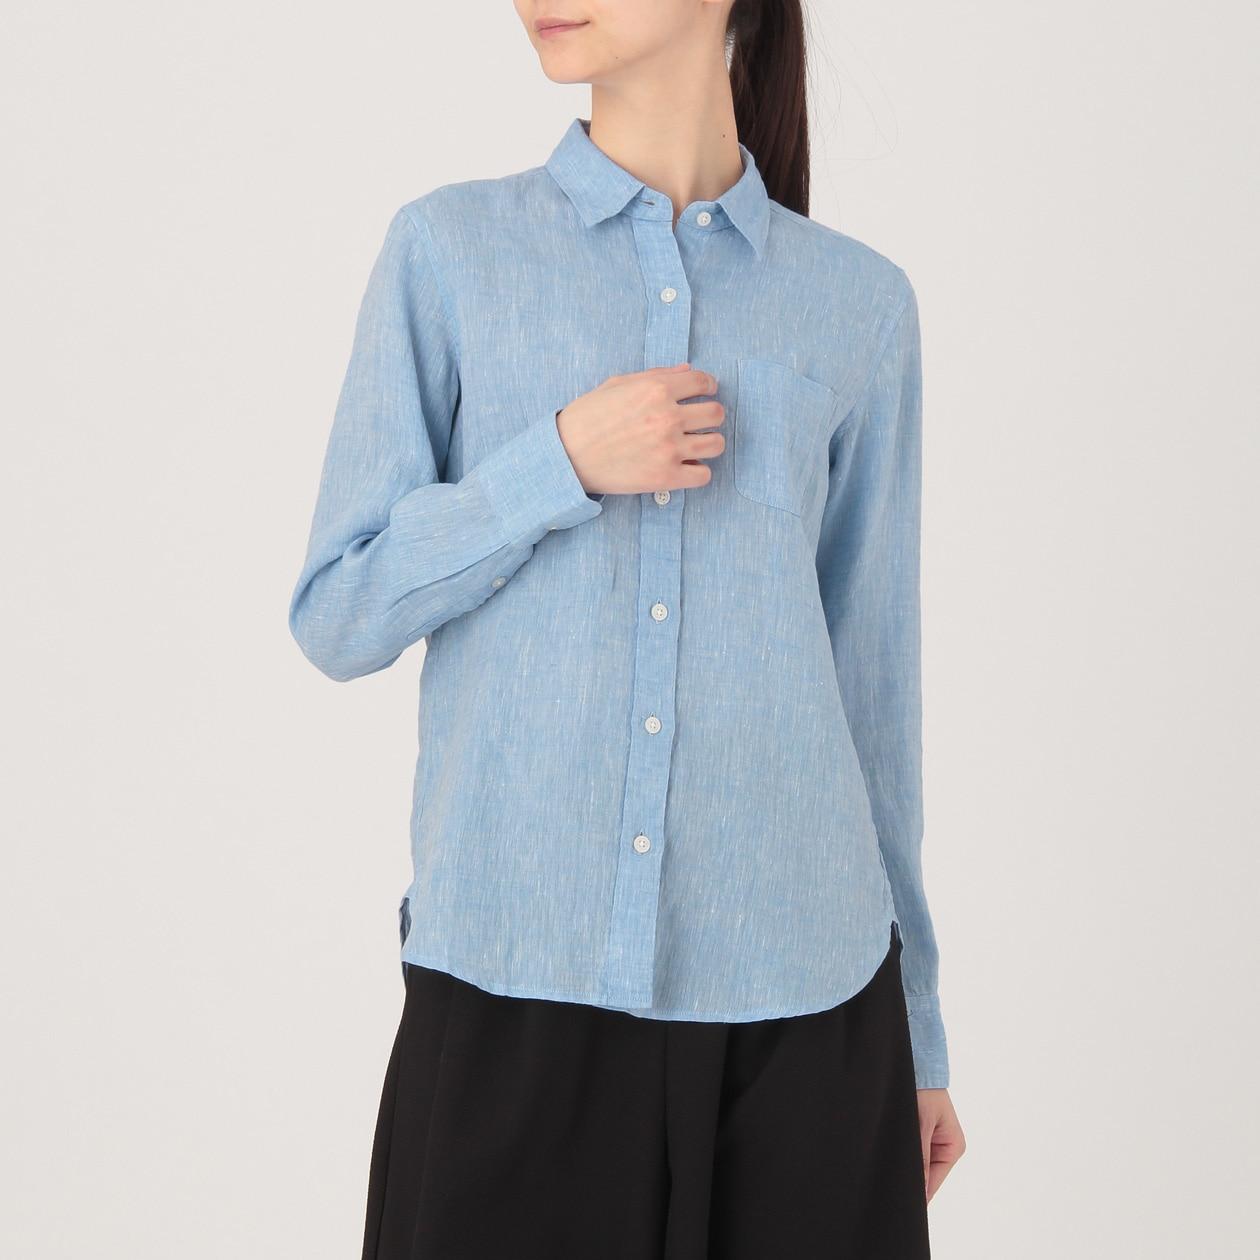 フレンチリネン洗いざらしシャツ 婦人M・ブルー